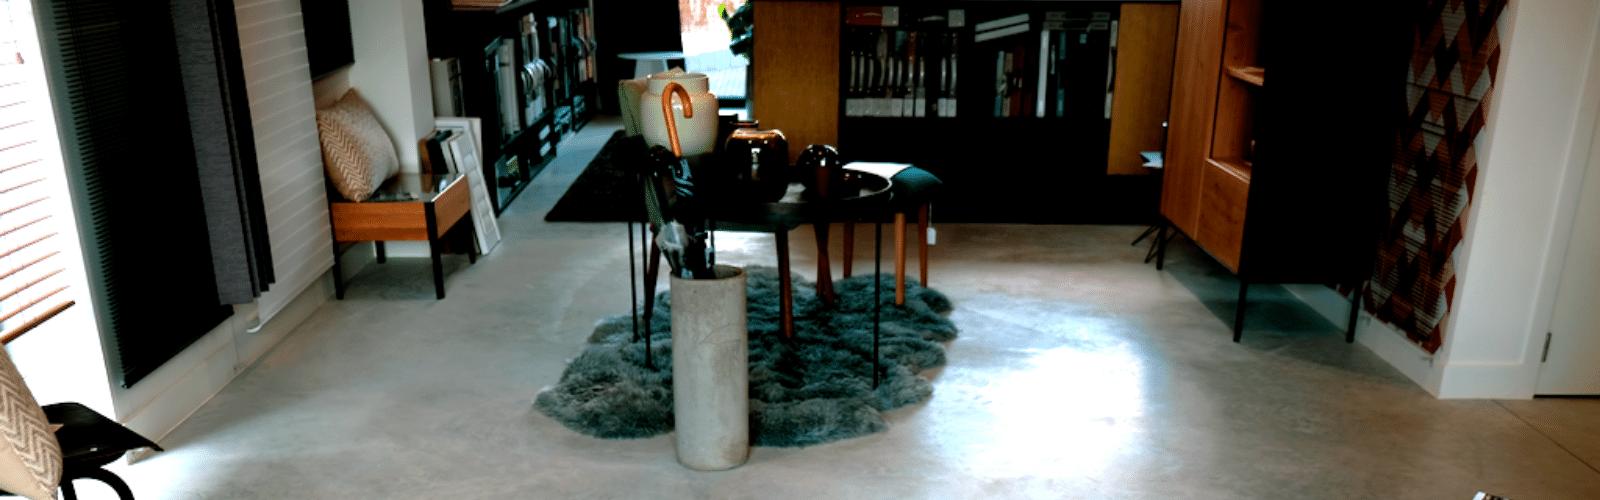 gepolierde betonvloer nieuwbouw en kantoren